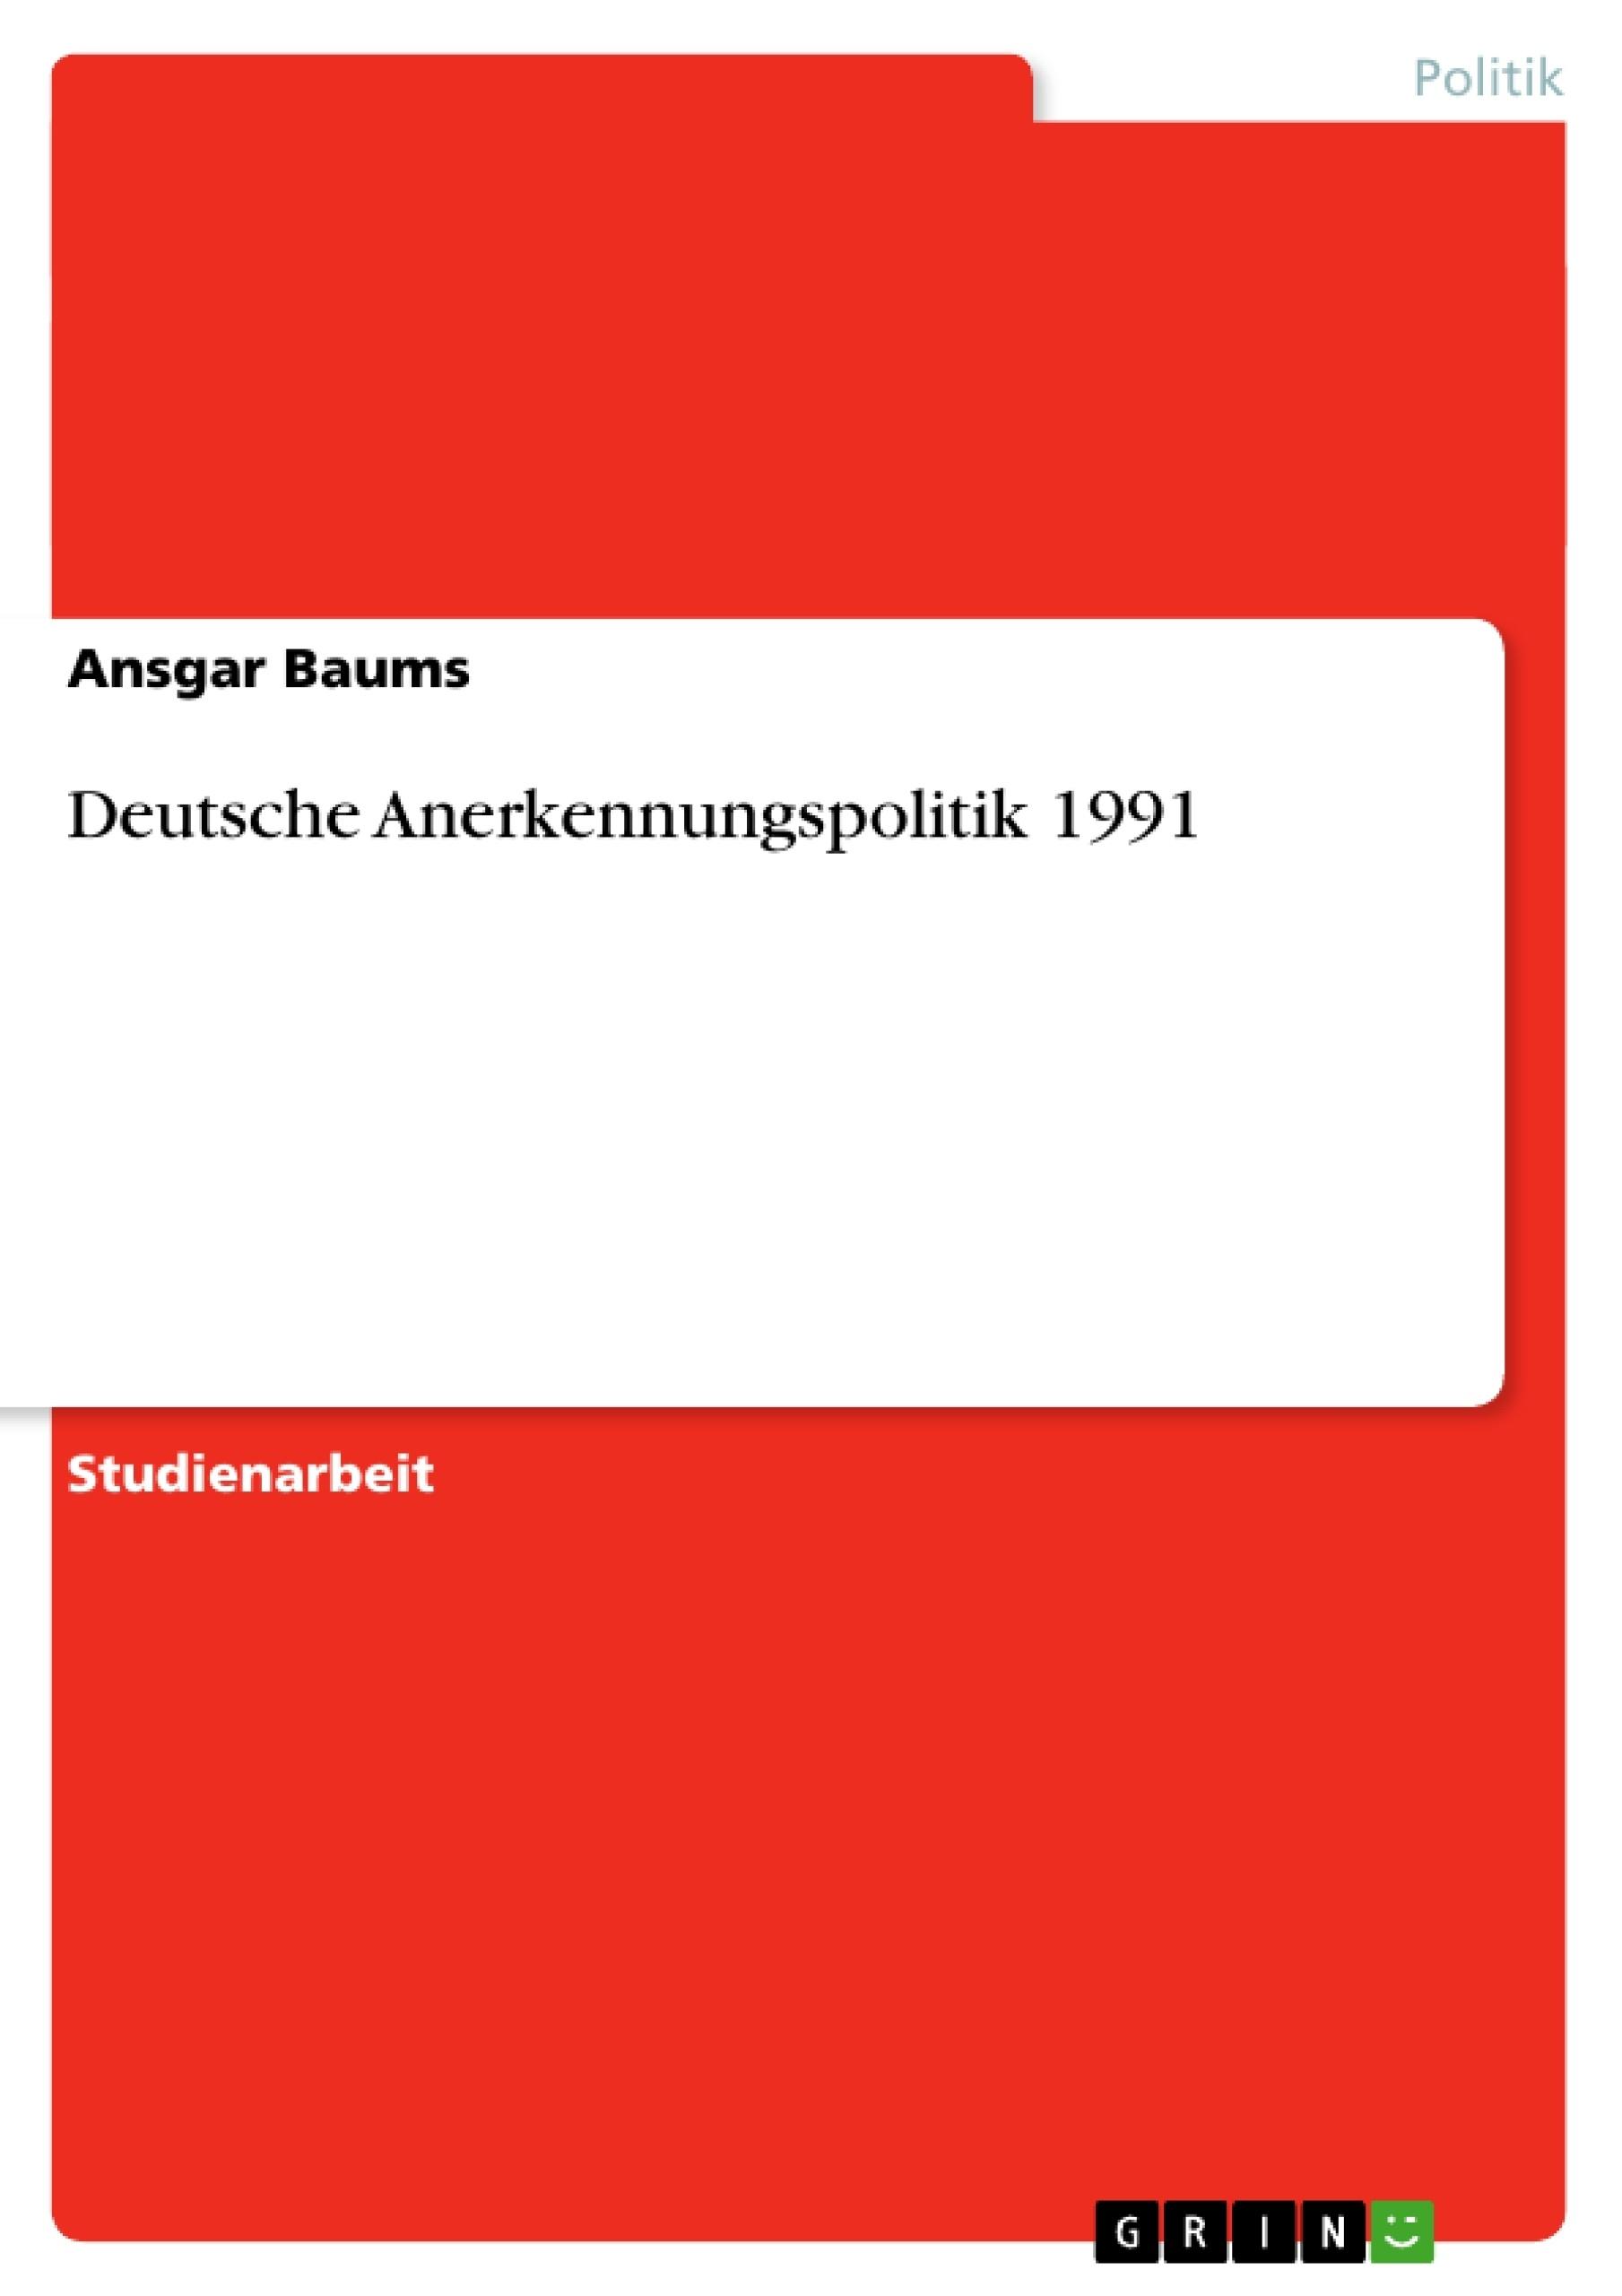 Titel: Deutsche Anerkennungspolitik 1991